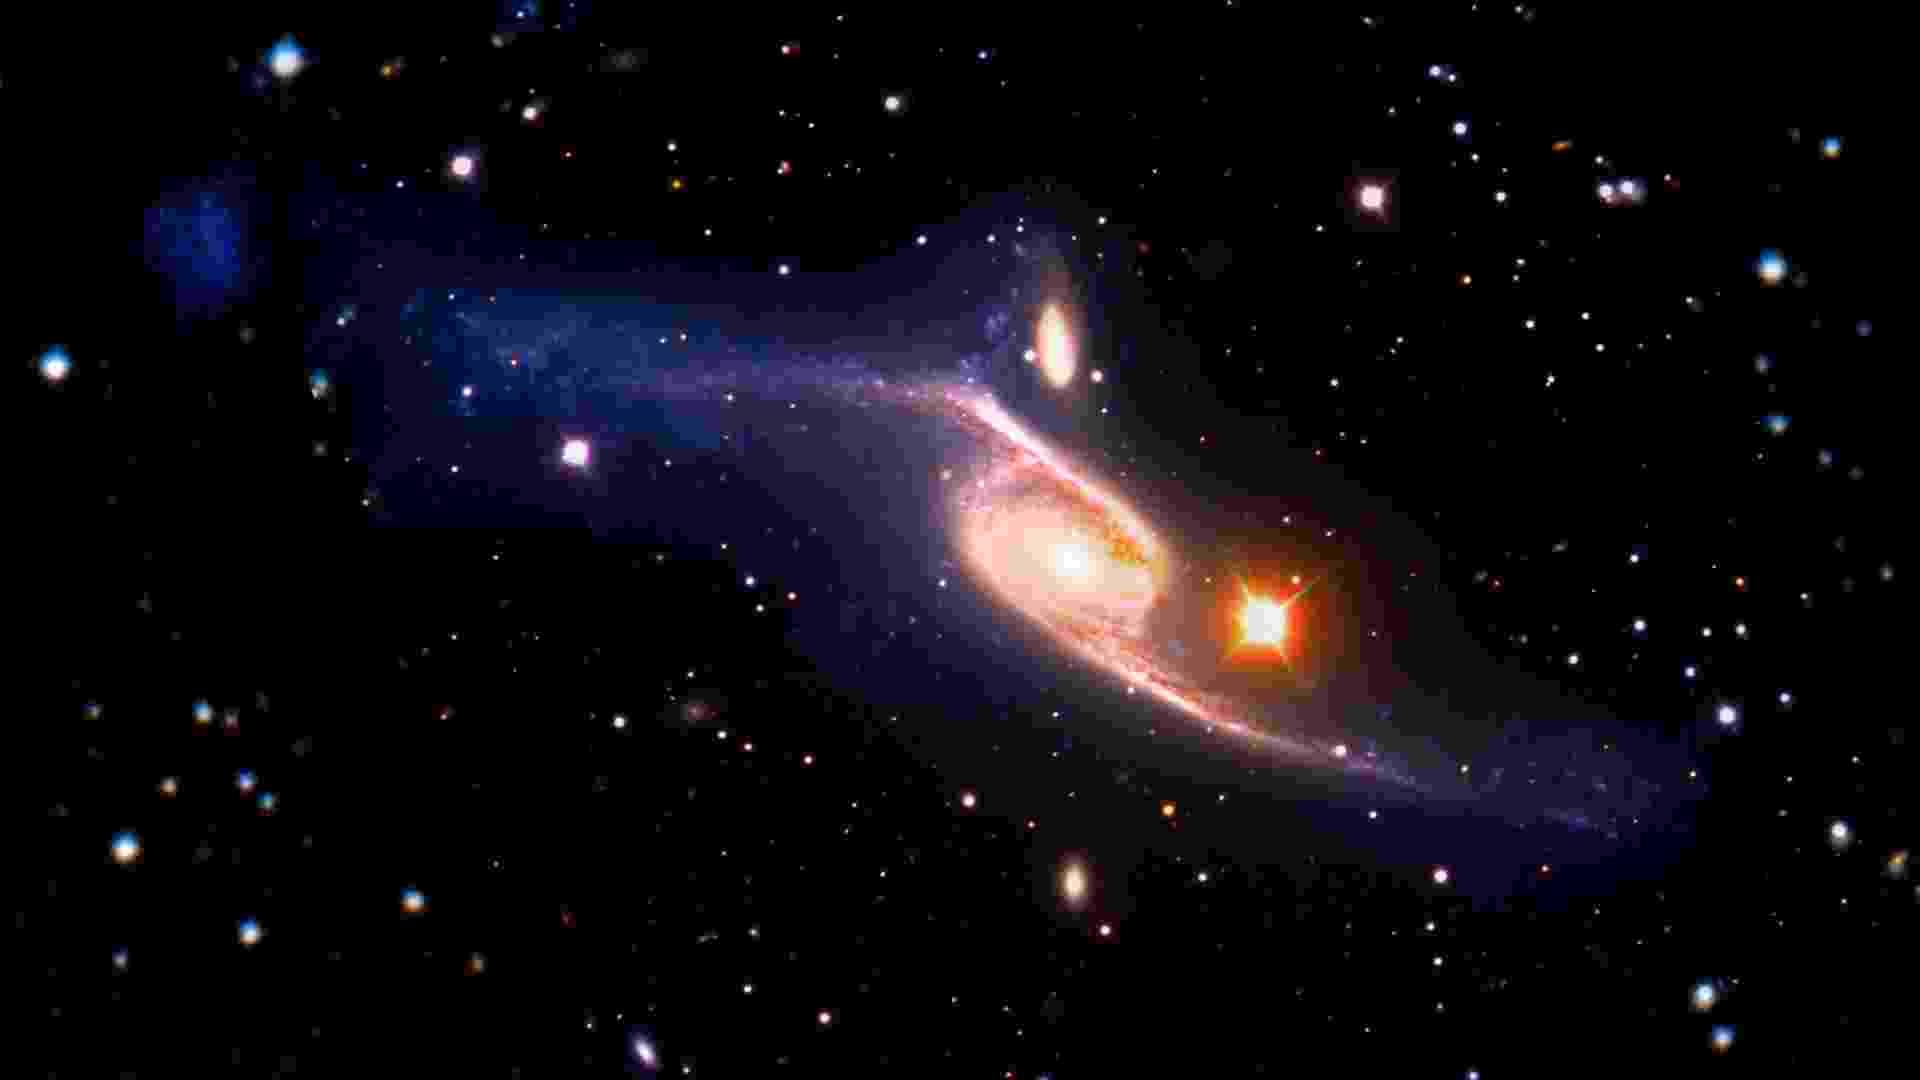 11.jan.2013 - O satélite Galex captou, por acidente, a maior galáxia em espiral já registrada por astrônomos. Segundo estimativas, a NGC 6872 fica a 212 milhões de anos-luz da Terra e tem um tamanho cinco vezes maior que a nossa Via Láctea. Os astrônomos dizem que a descoberta recorde resulta de uma colisão com a IC 4970, uma galáxia vizinha - Nasa's Goddard Space Flight Center/ESO/JPL-Caltech/DSS